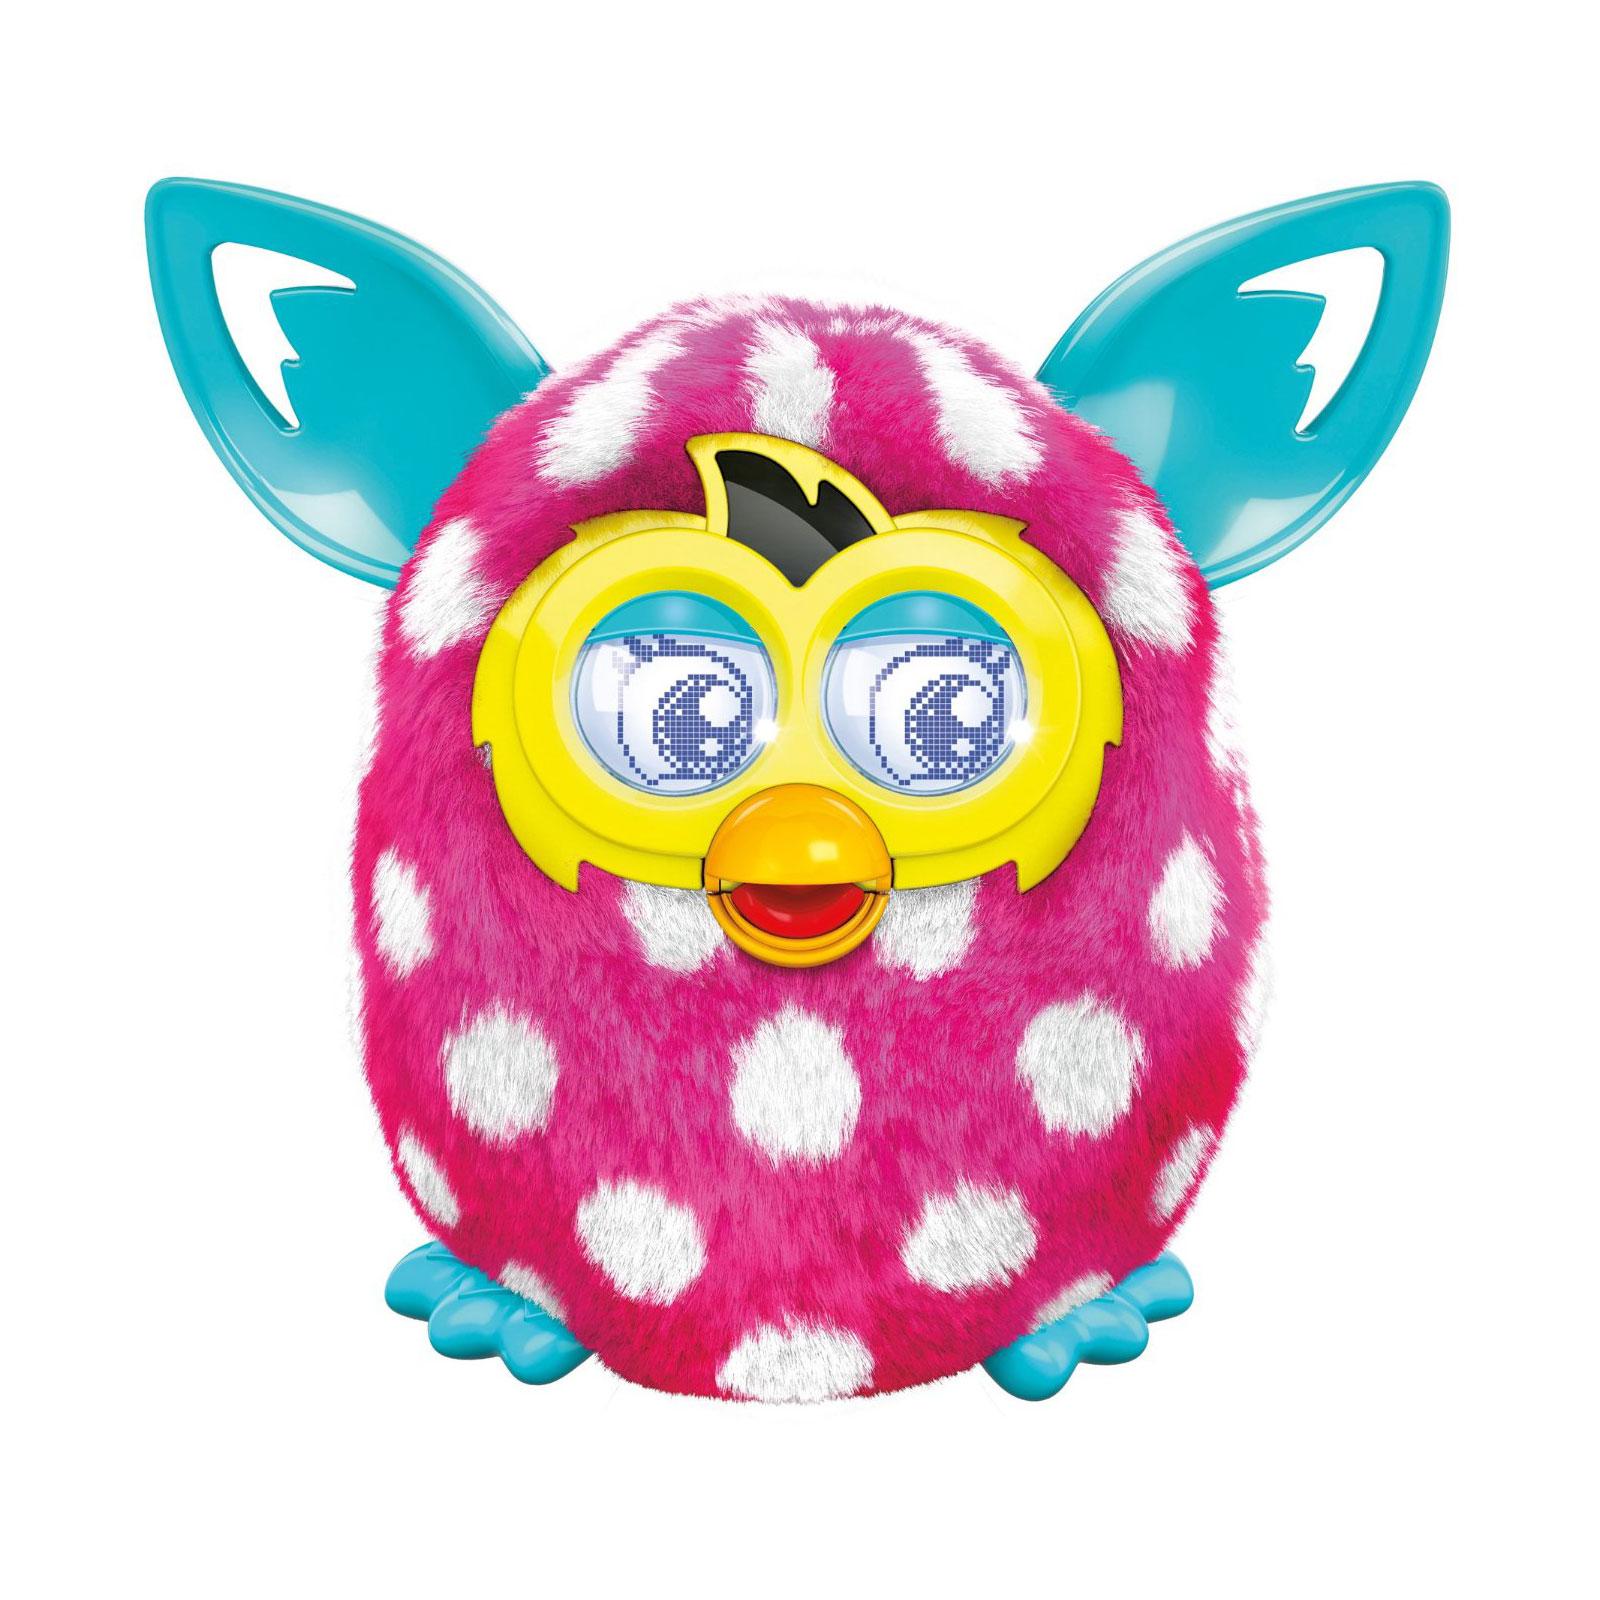 Интерактивная игрушка Furby Boom Солнечная  волна Розовый в белый горошек